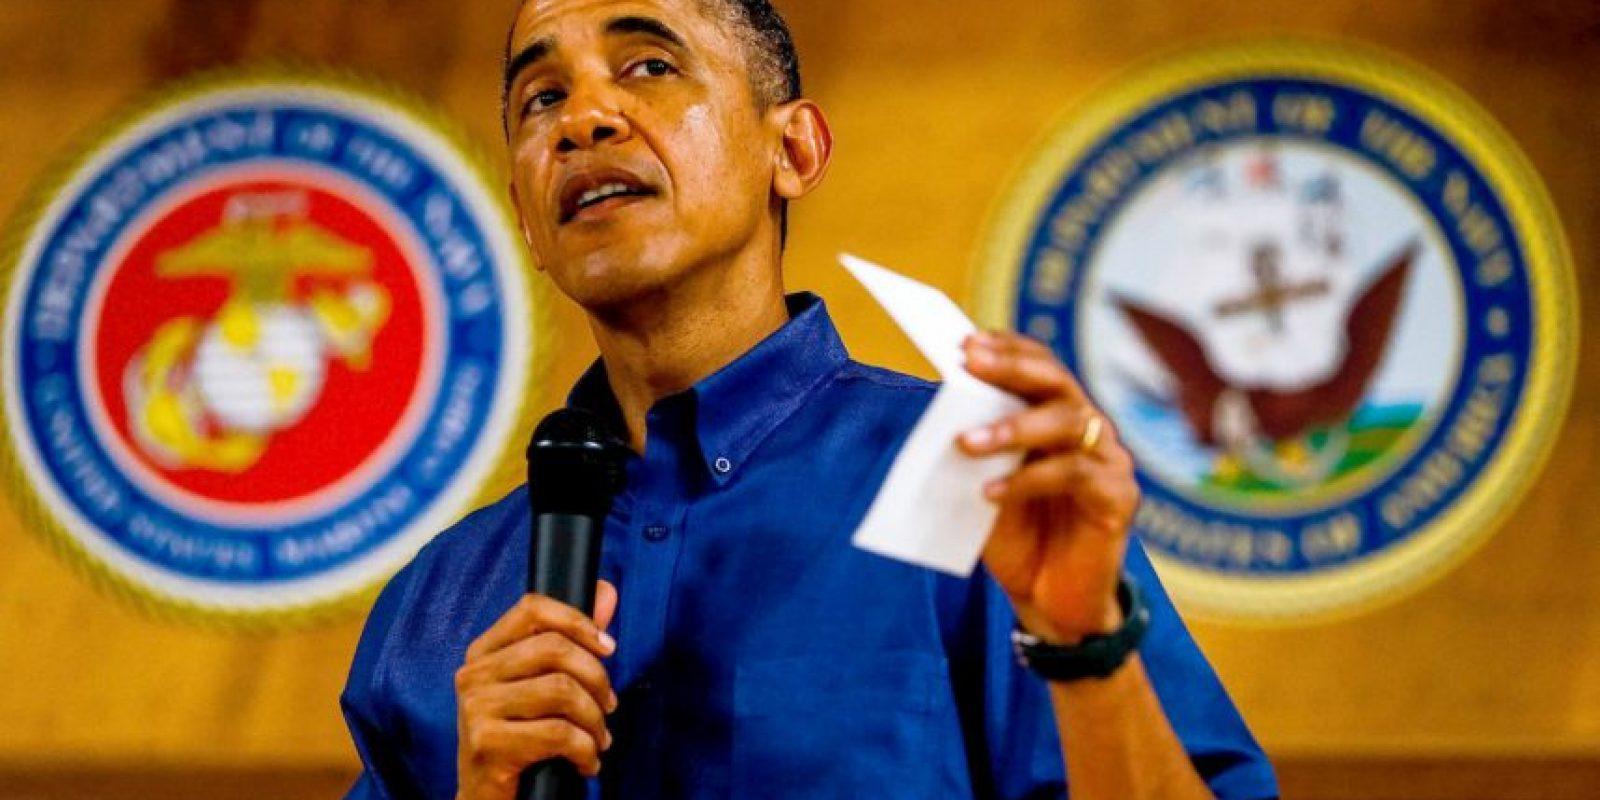 El pasado 20 de julio abrieron las embajadas en Washington y en La Habana, hecho que oficializó el restablecimiento de las relaciones diplomáticas entre Estados Unidos y Cuba. Foto:Getty Images